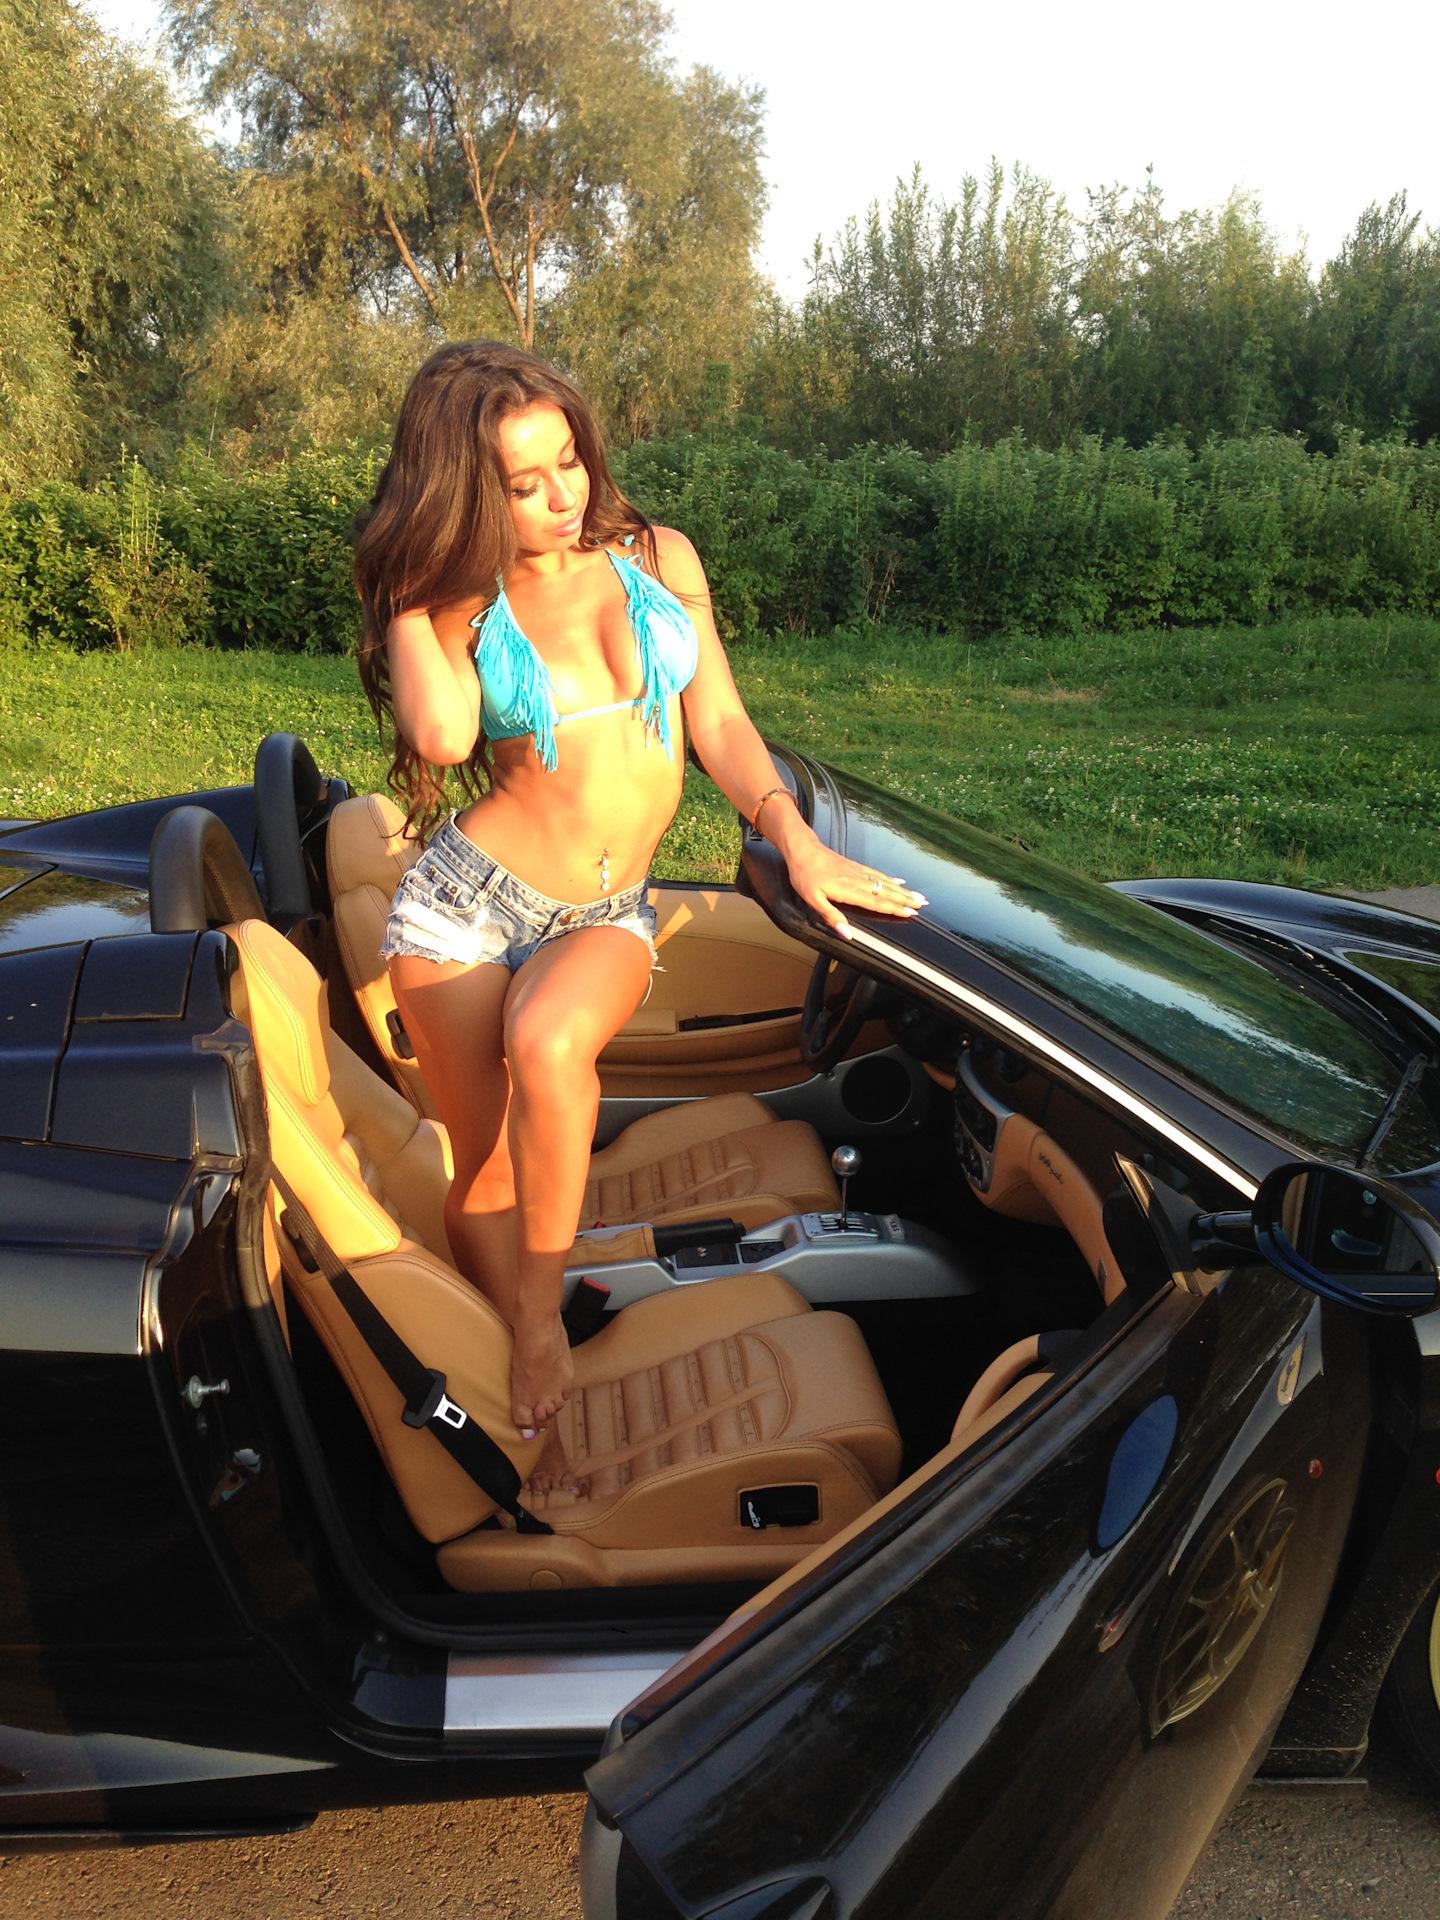 Girls & Cars Блог Оля в шортиках и Ferrari 360 spider